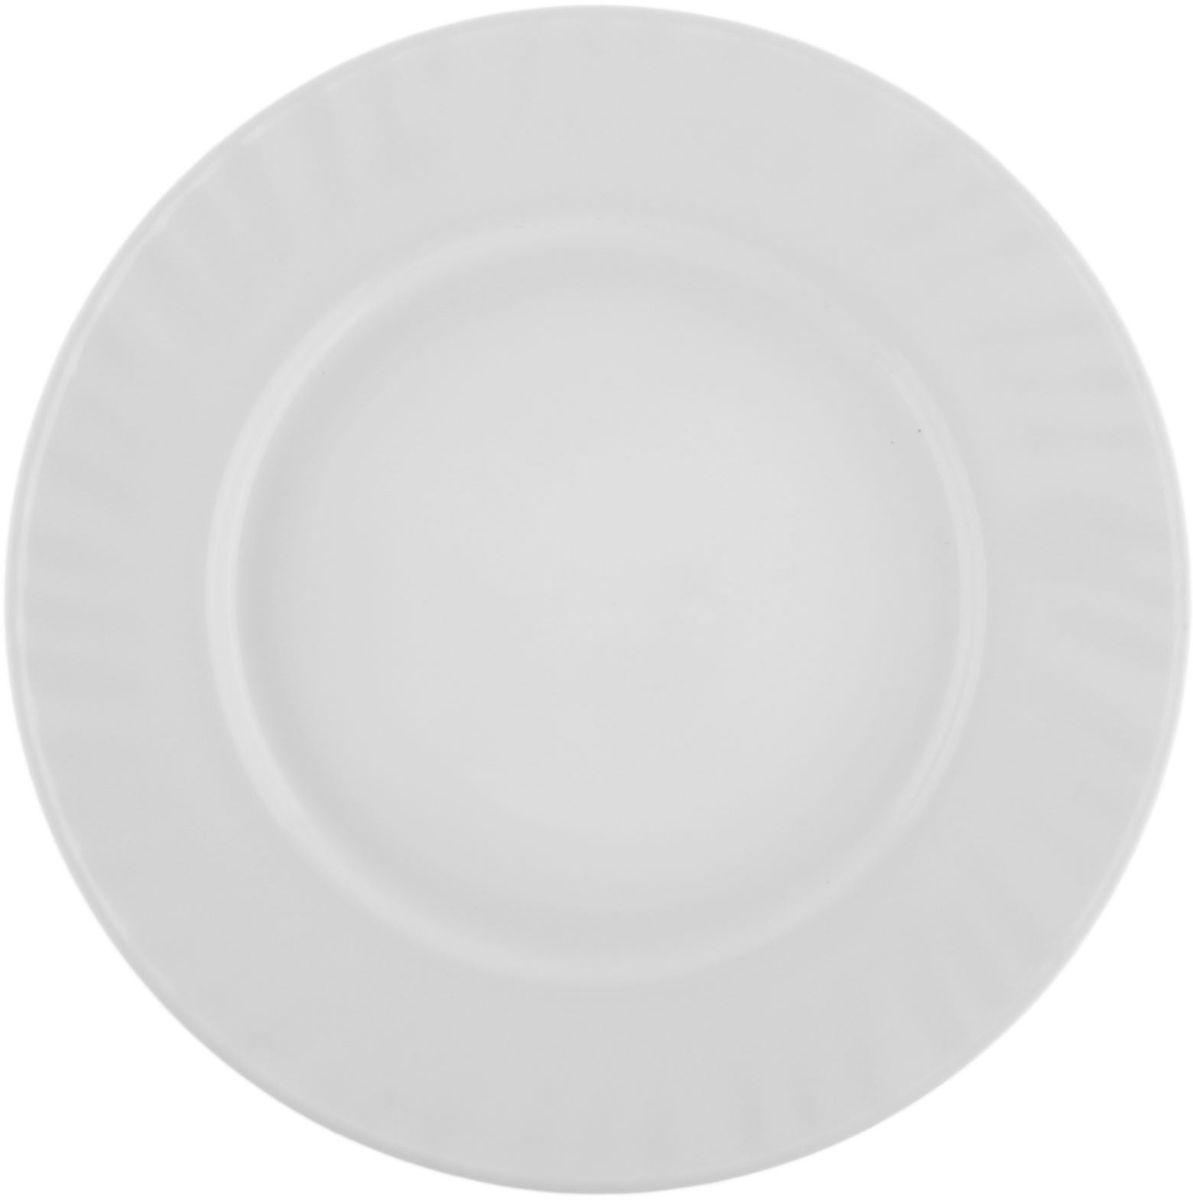 Тарелка Регал, диаметр 23 см122419Тарелка – важнейший предмет любого застолья. Будучи во главе стола, она привлекает к себе основное внимание. А это значит – рисунок, цвет и материал играют немаловажную роль.Почему во всем мире так ценится посуда из стеклокермики?Универсальна. Ее можно использовать и для приготовления пищи, и для безопасного хранения любых готовых блюд. В такой посуде можно кипятить, варить, жарить парить, тушить и запекать любые продукты.Ударопрочна и травмобезопасна. Термическое стекло – очень прочный материал, который не поддается механическим нагрузкам, не бьется, не колется и не трескается.Термически устойчива (жаропрочна). Посуда не деформируется при нагреве и подходит для СВЧ-печей.Химически инертна. Стеклянные поверхности посуды совершенно нечувствительны к воздействию моющих и чистящих средств.Экологически и гигиенически безопасна. Стеклокерамика – исключительно «чистый» материал, не выделяющий вредных летучих соединений даже при сильном нагреве, не впитывает запахов и не передает их хранящейся или готовящейся пище.Удобна в уходе. Моется обычной теплой водой, не формирует накипь и нагар.Эстетически привлекательна. Прозрачное, матовое и тонированное термическое стекло имеет оригинальный вид, который сохраняется в любых технических условиях на долгие годы.